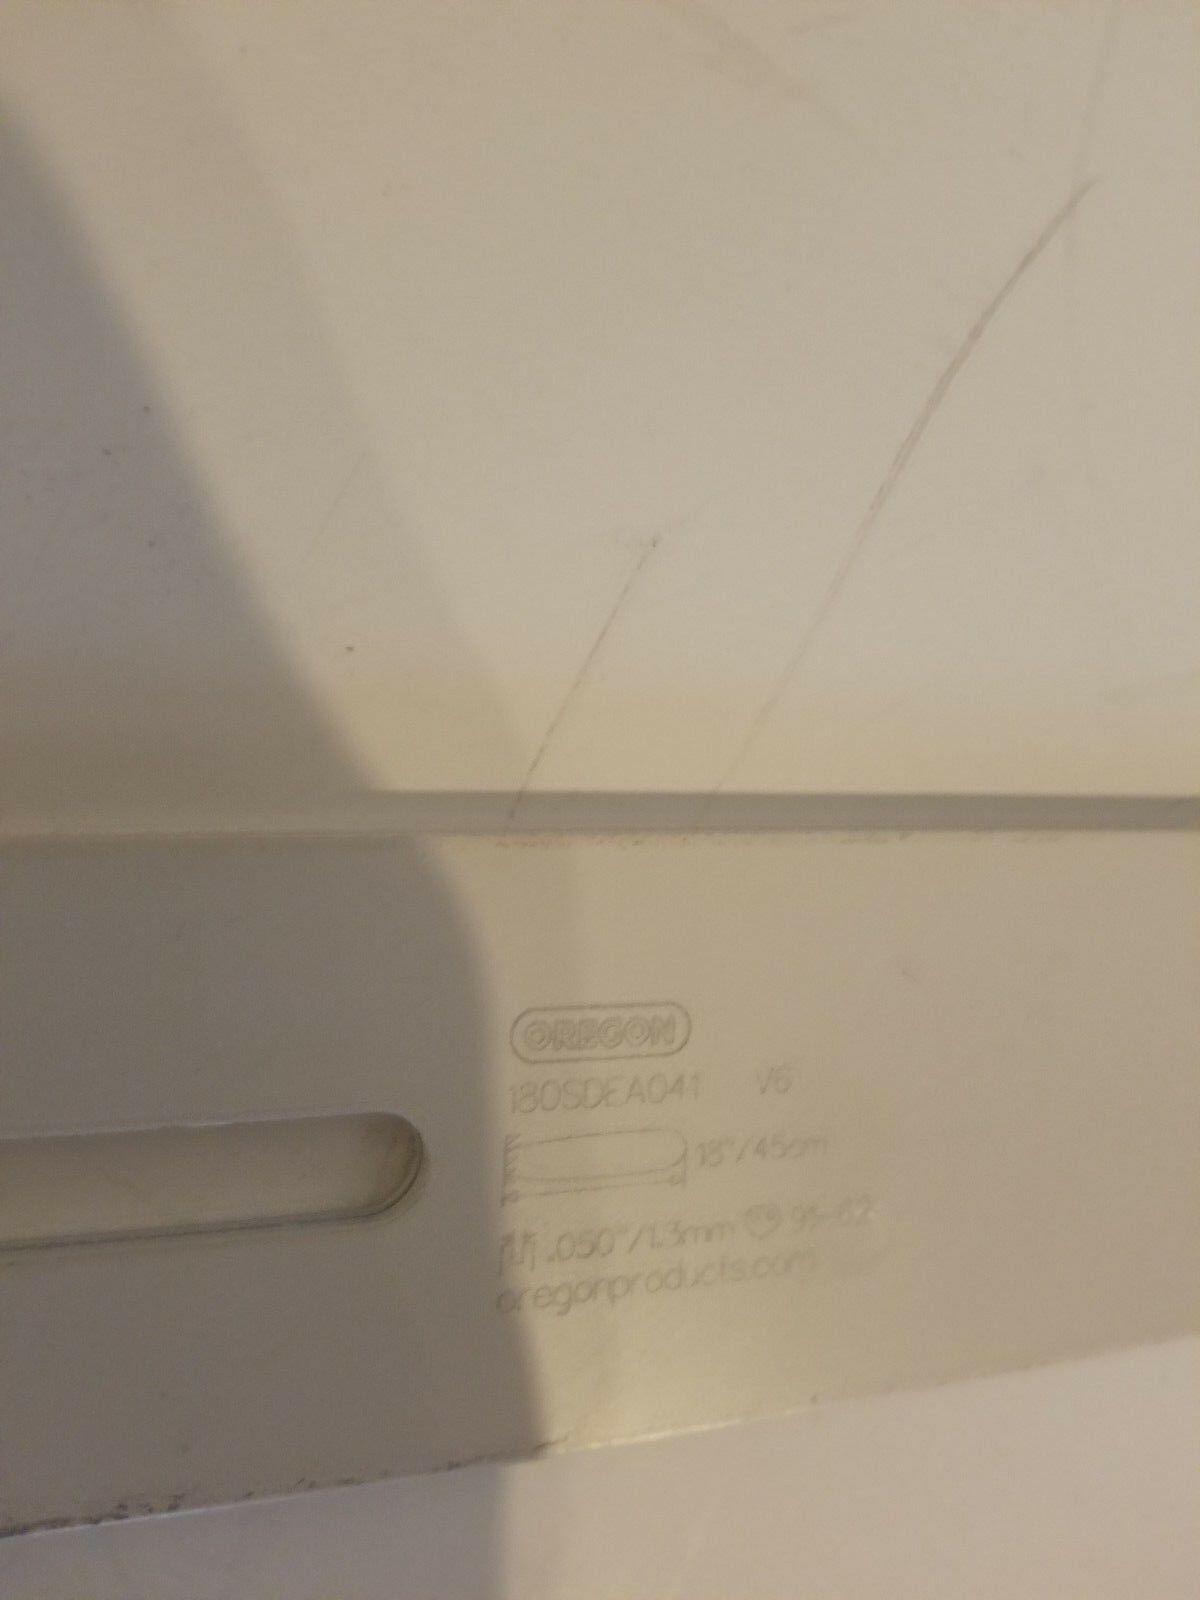 oregon chainsaw bar (18 inch ) image 2